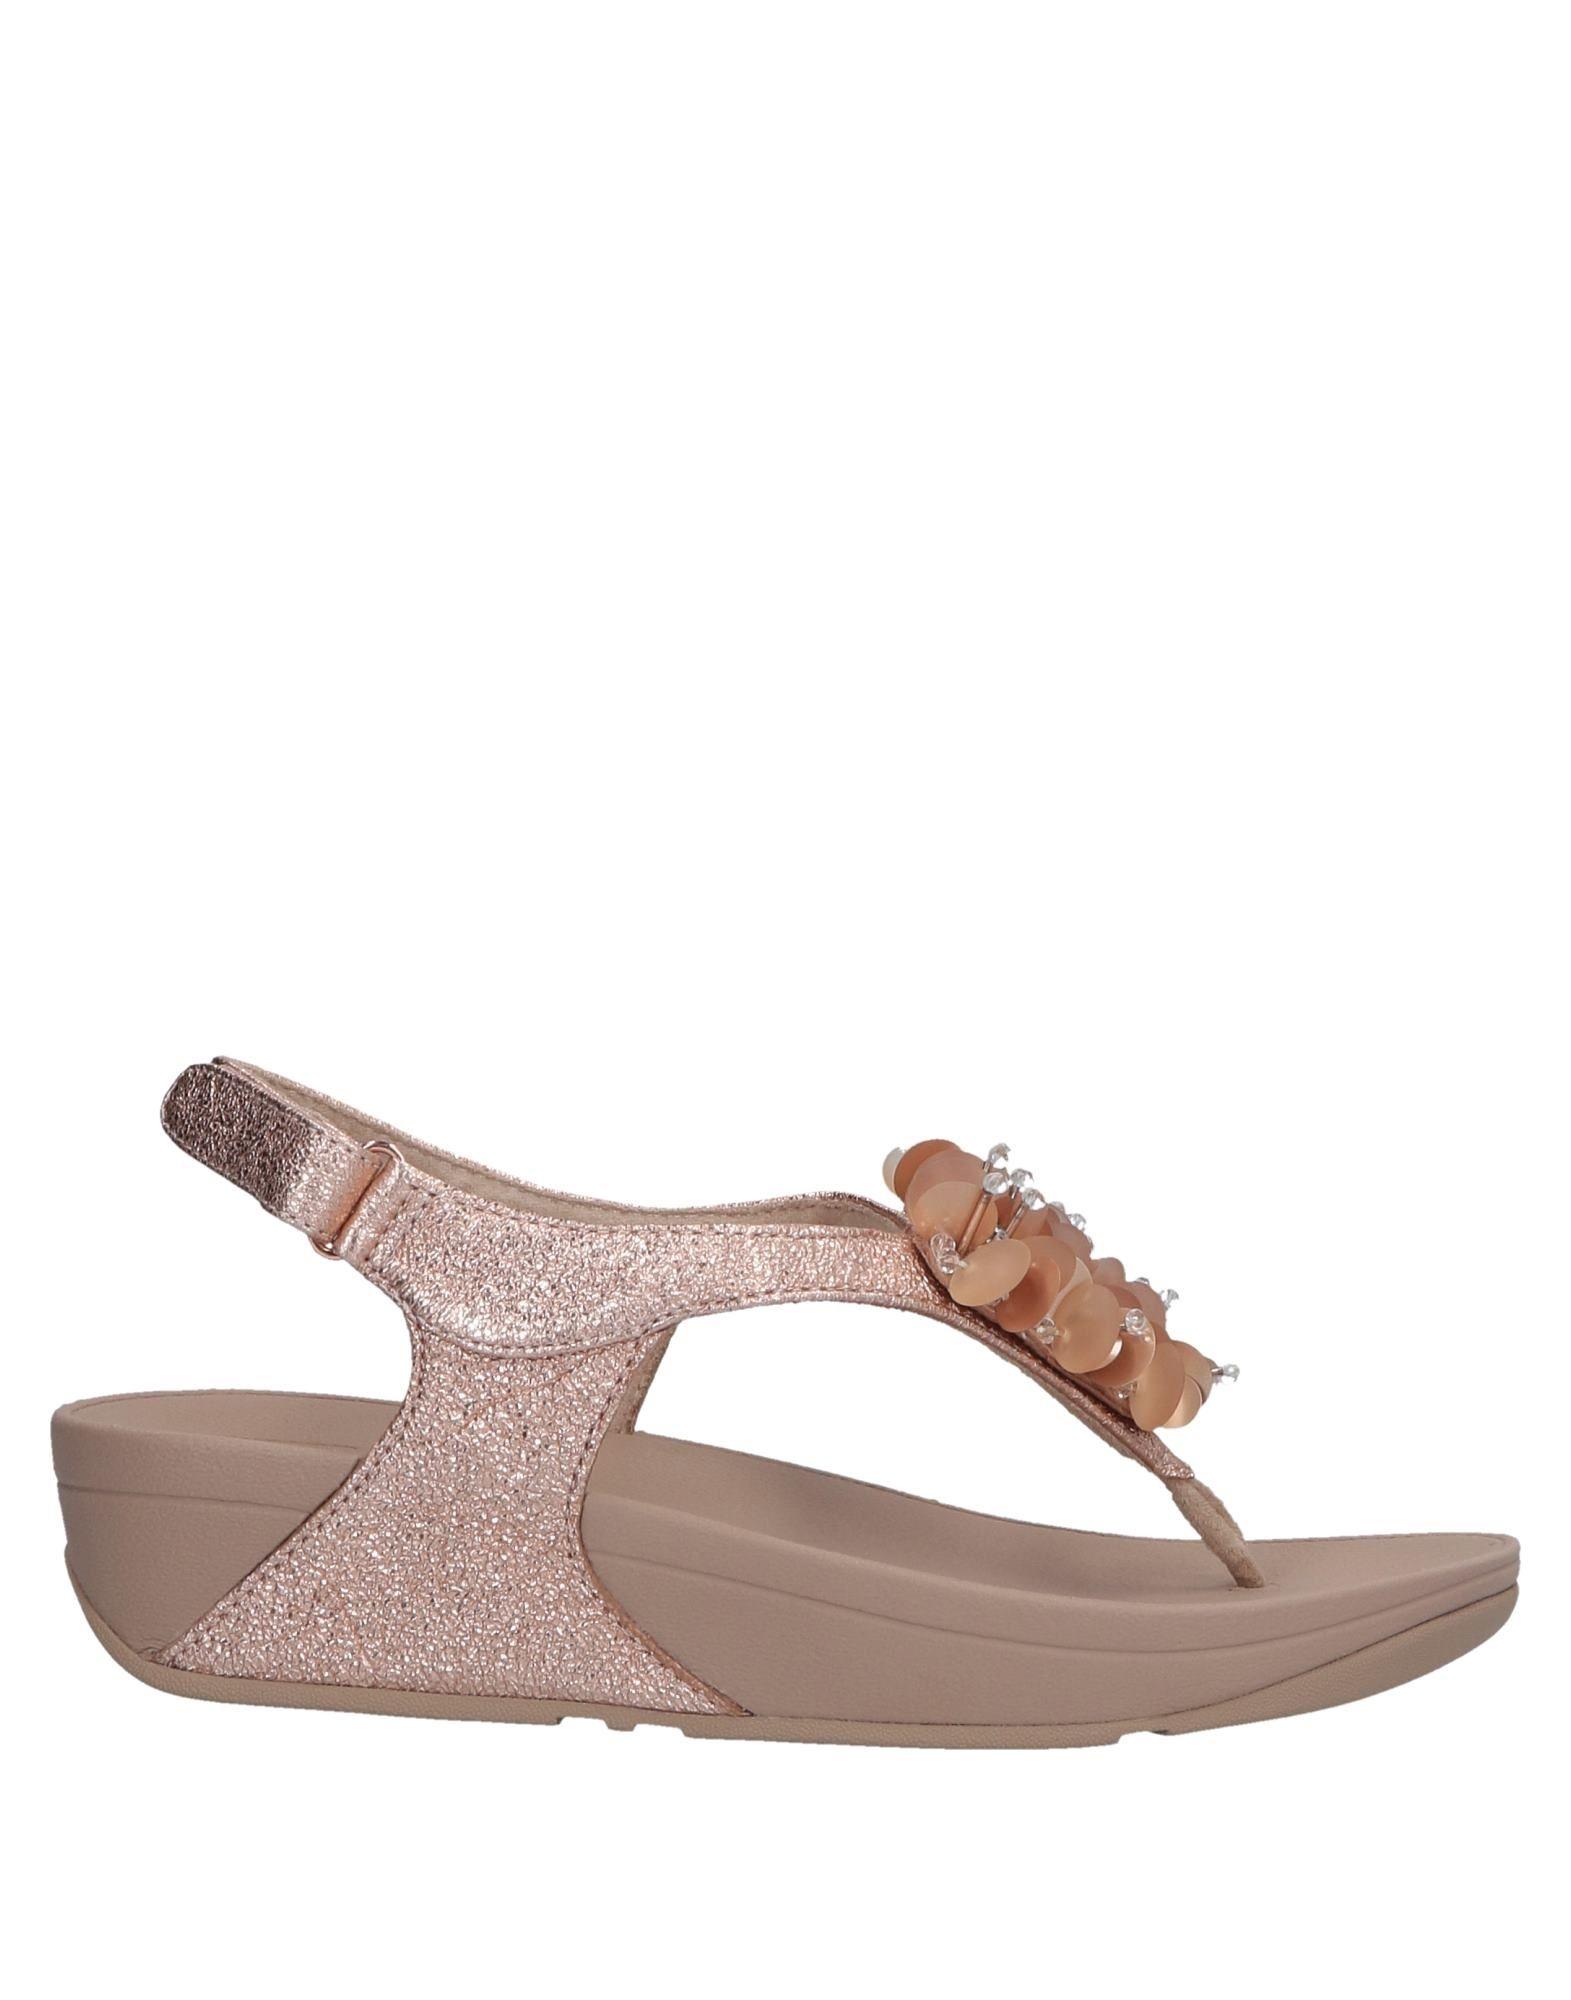 Fitflop on Flip Flops - Women Fitflop Flip Flops online on Fitflop  Australia - 11575618EH c0ca39